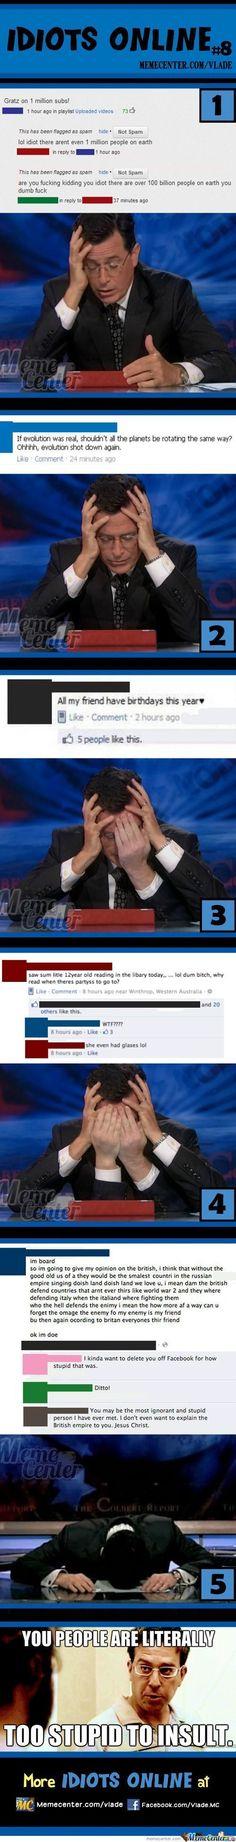 Idiots Online #8